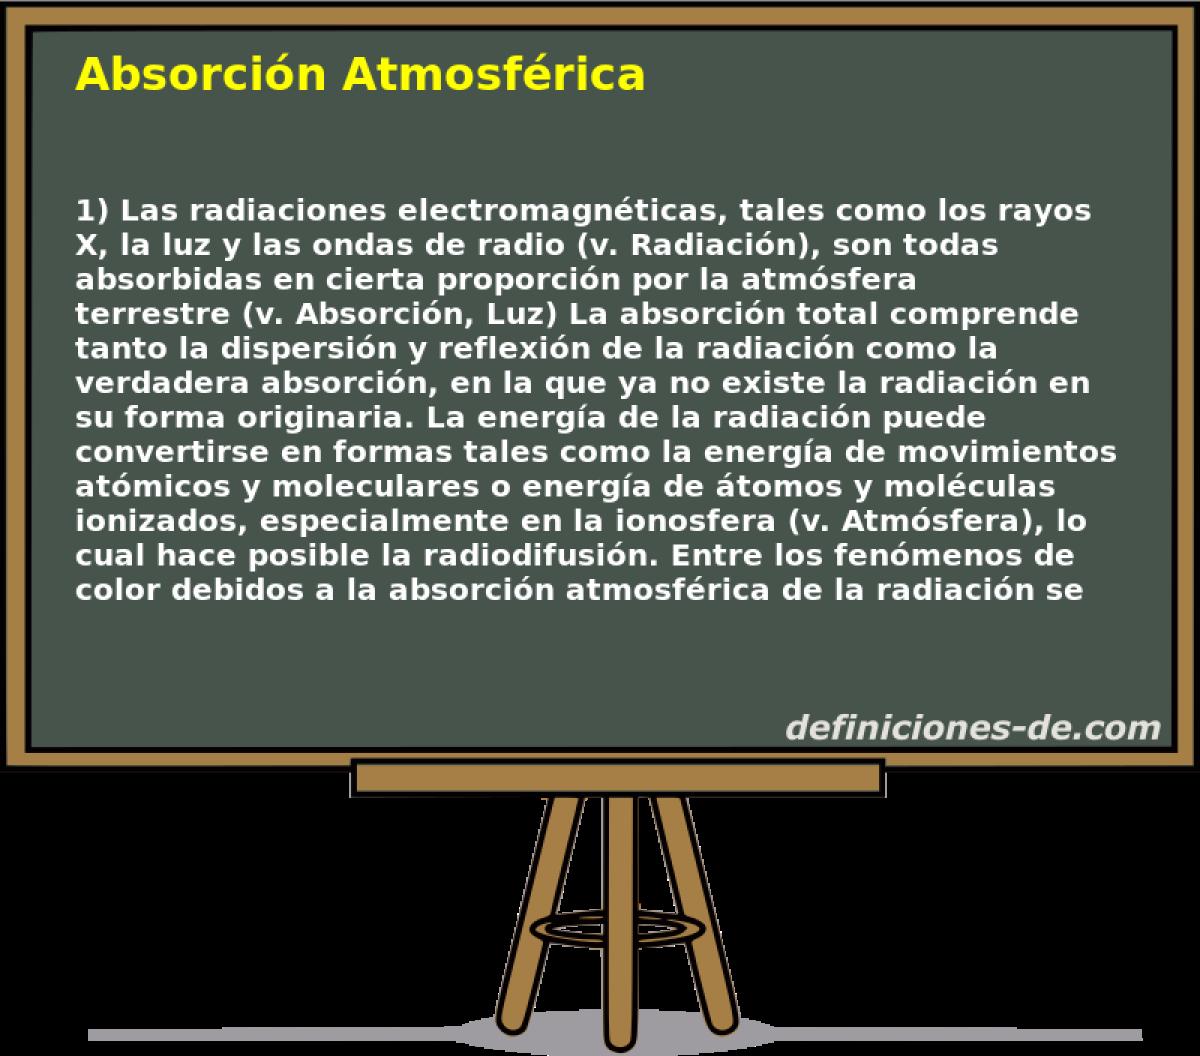 Qué significa Absorción Atmosférica?